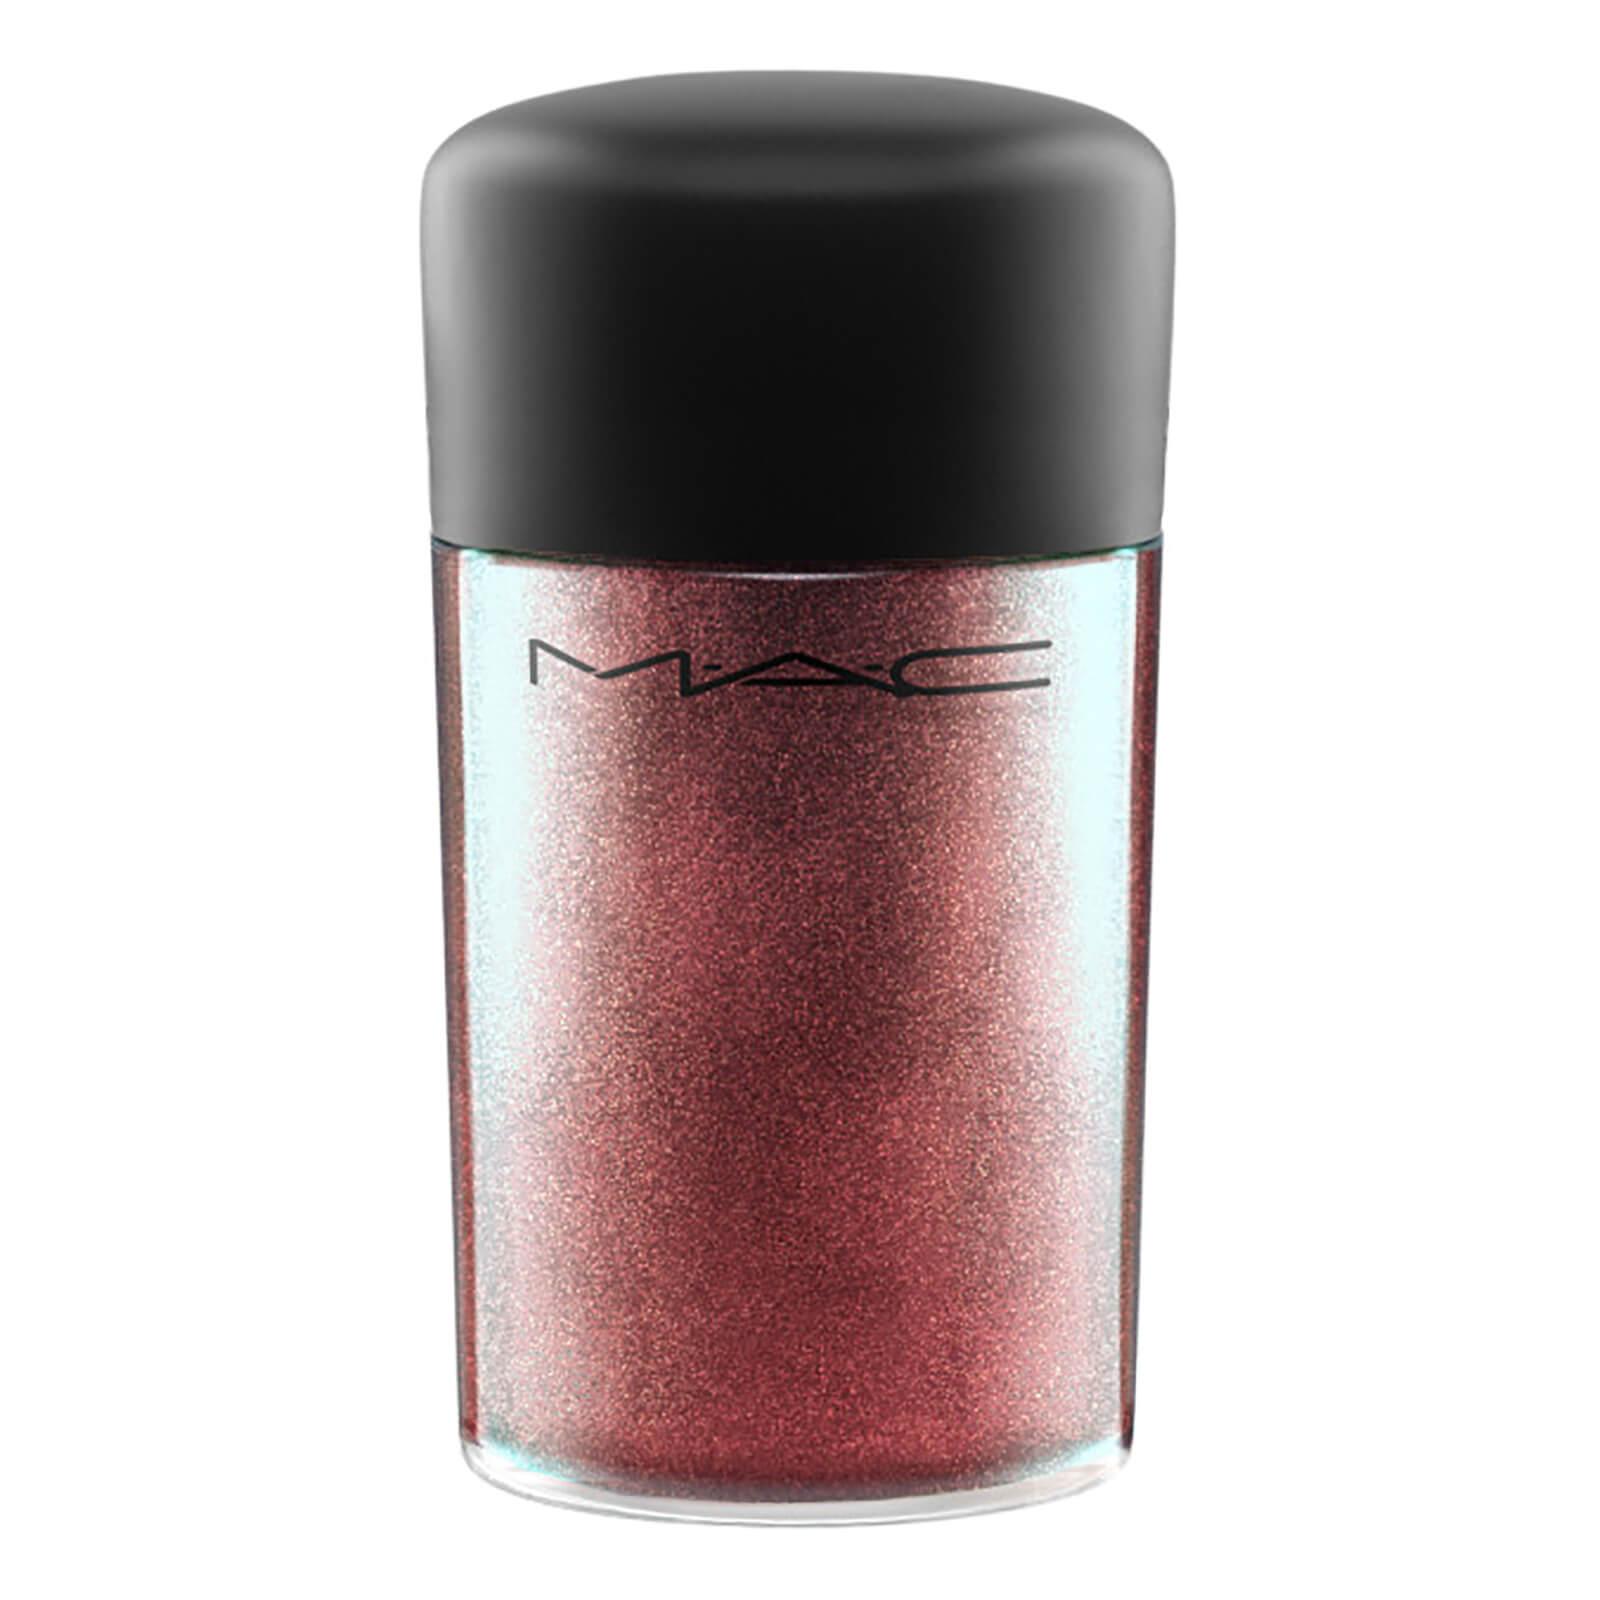 MAC Pigment Colour Powder (Various Shades) - Blue Brown